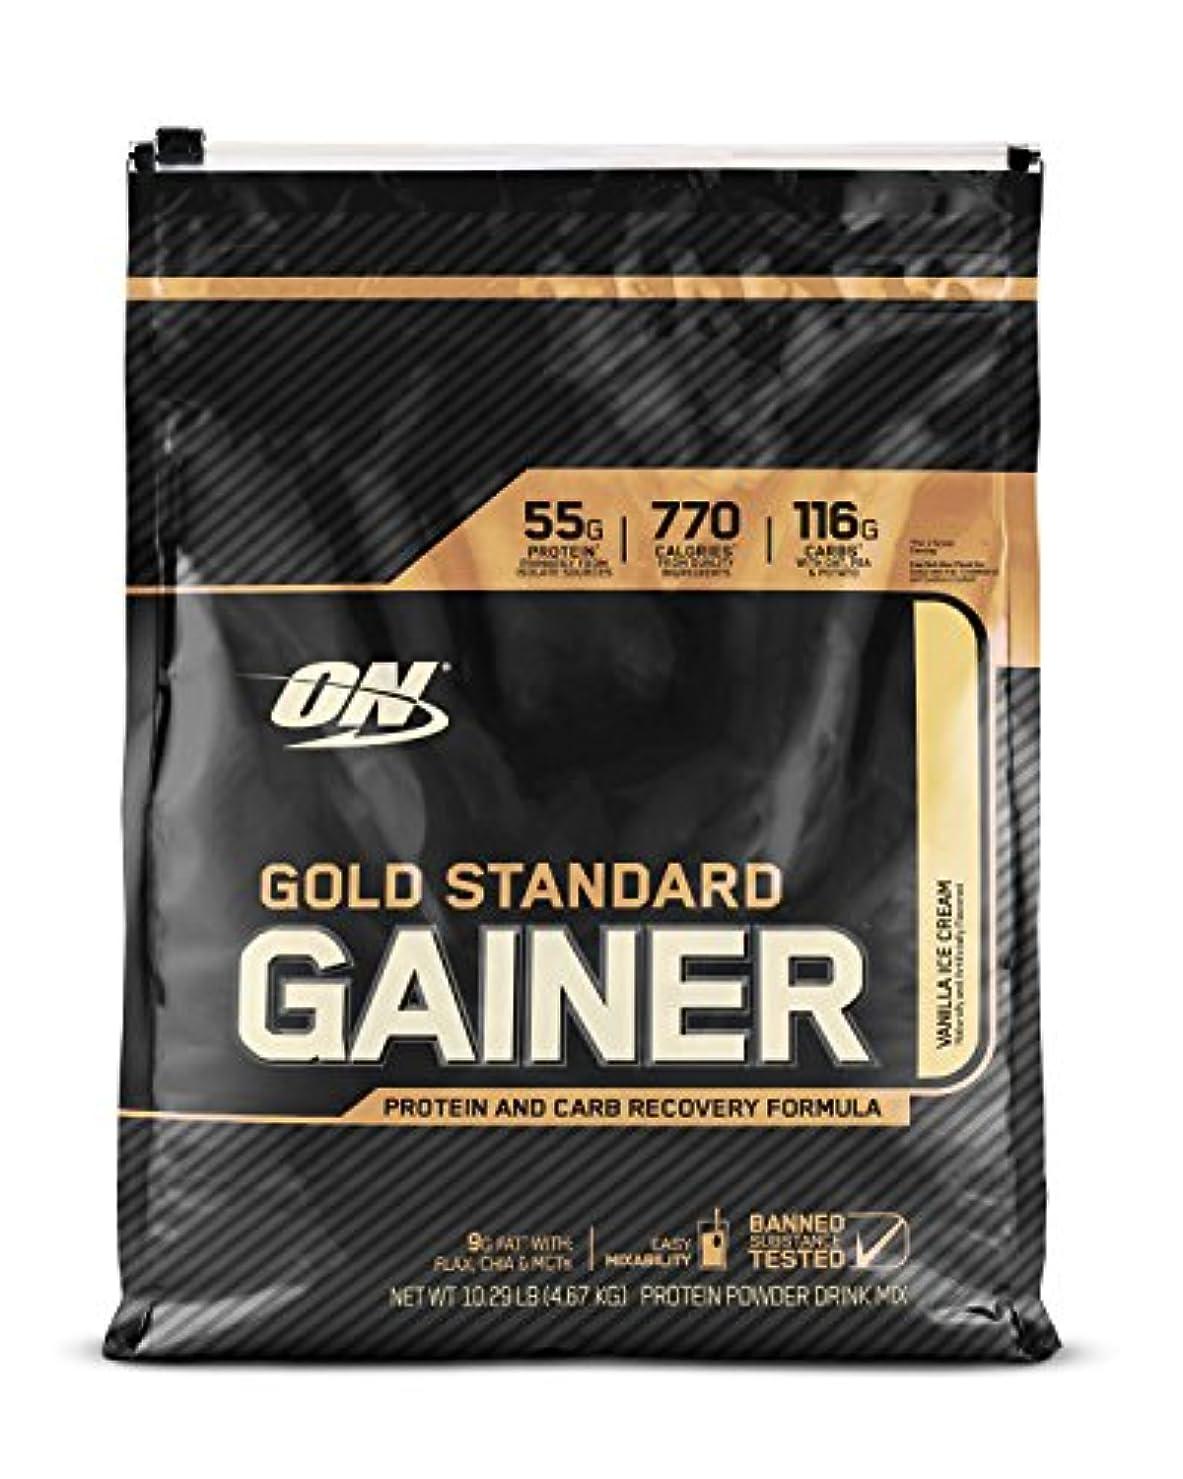 ルートずっと授業料ゴールドスタンダード ゲイナー 10LB バニラアイスクリーム (Gold Standard Gainer 10LB Vanilla Ice Cream) [海外直送品]